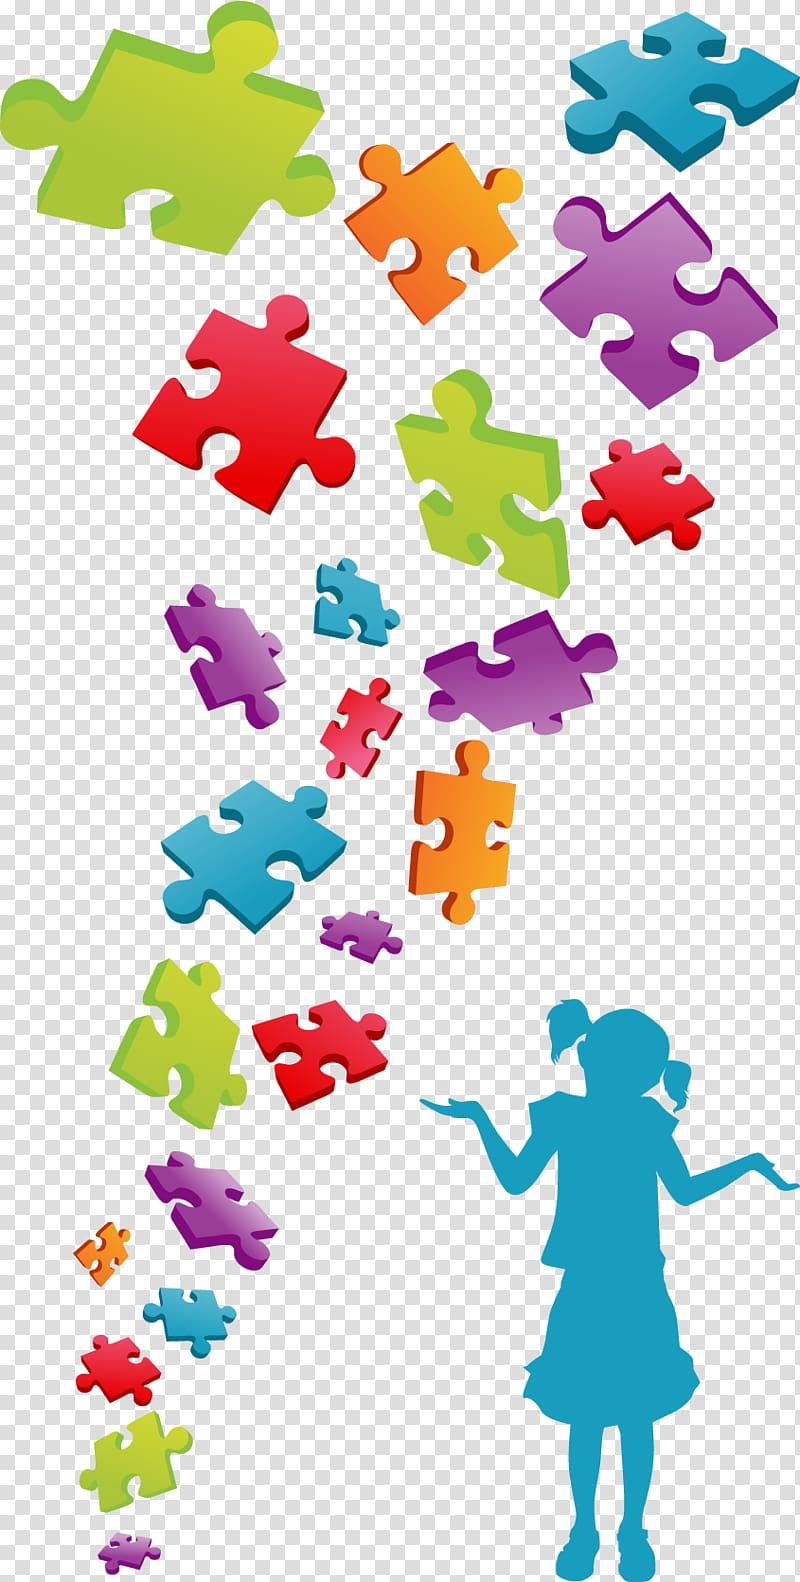 Jigsaw Puzzles Puzz 3D Chess, puzzle piece transparent.